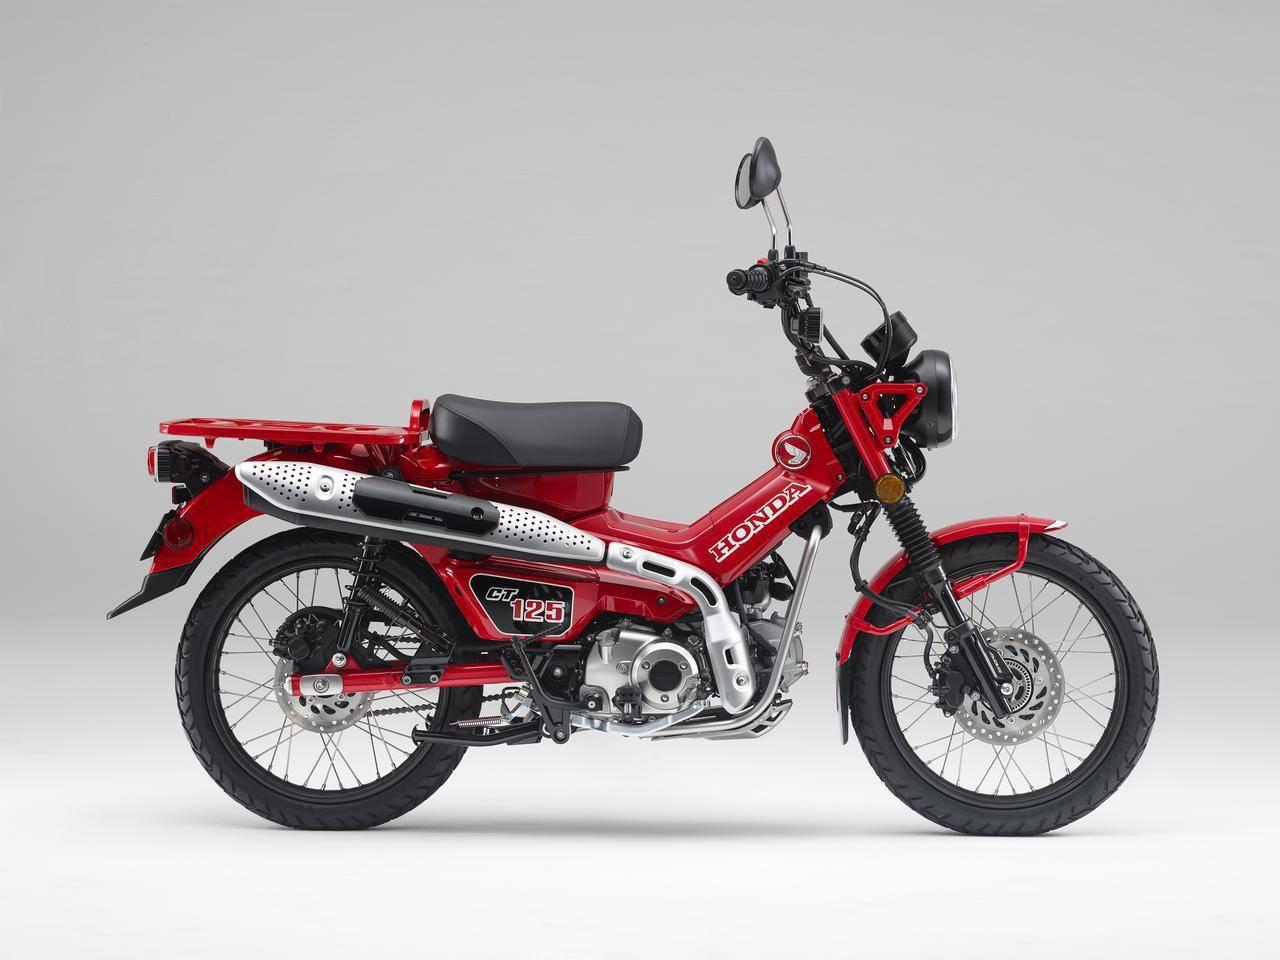 Honda ct125 2020 huntercub 1 merah 1